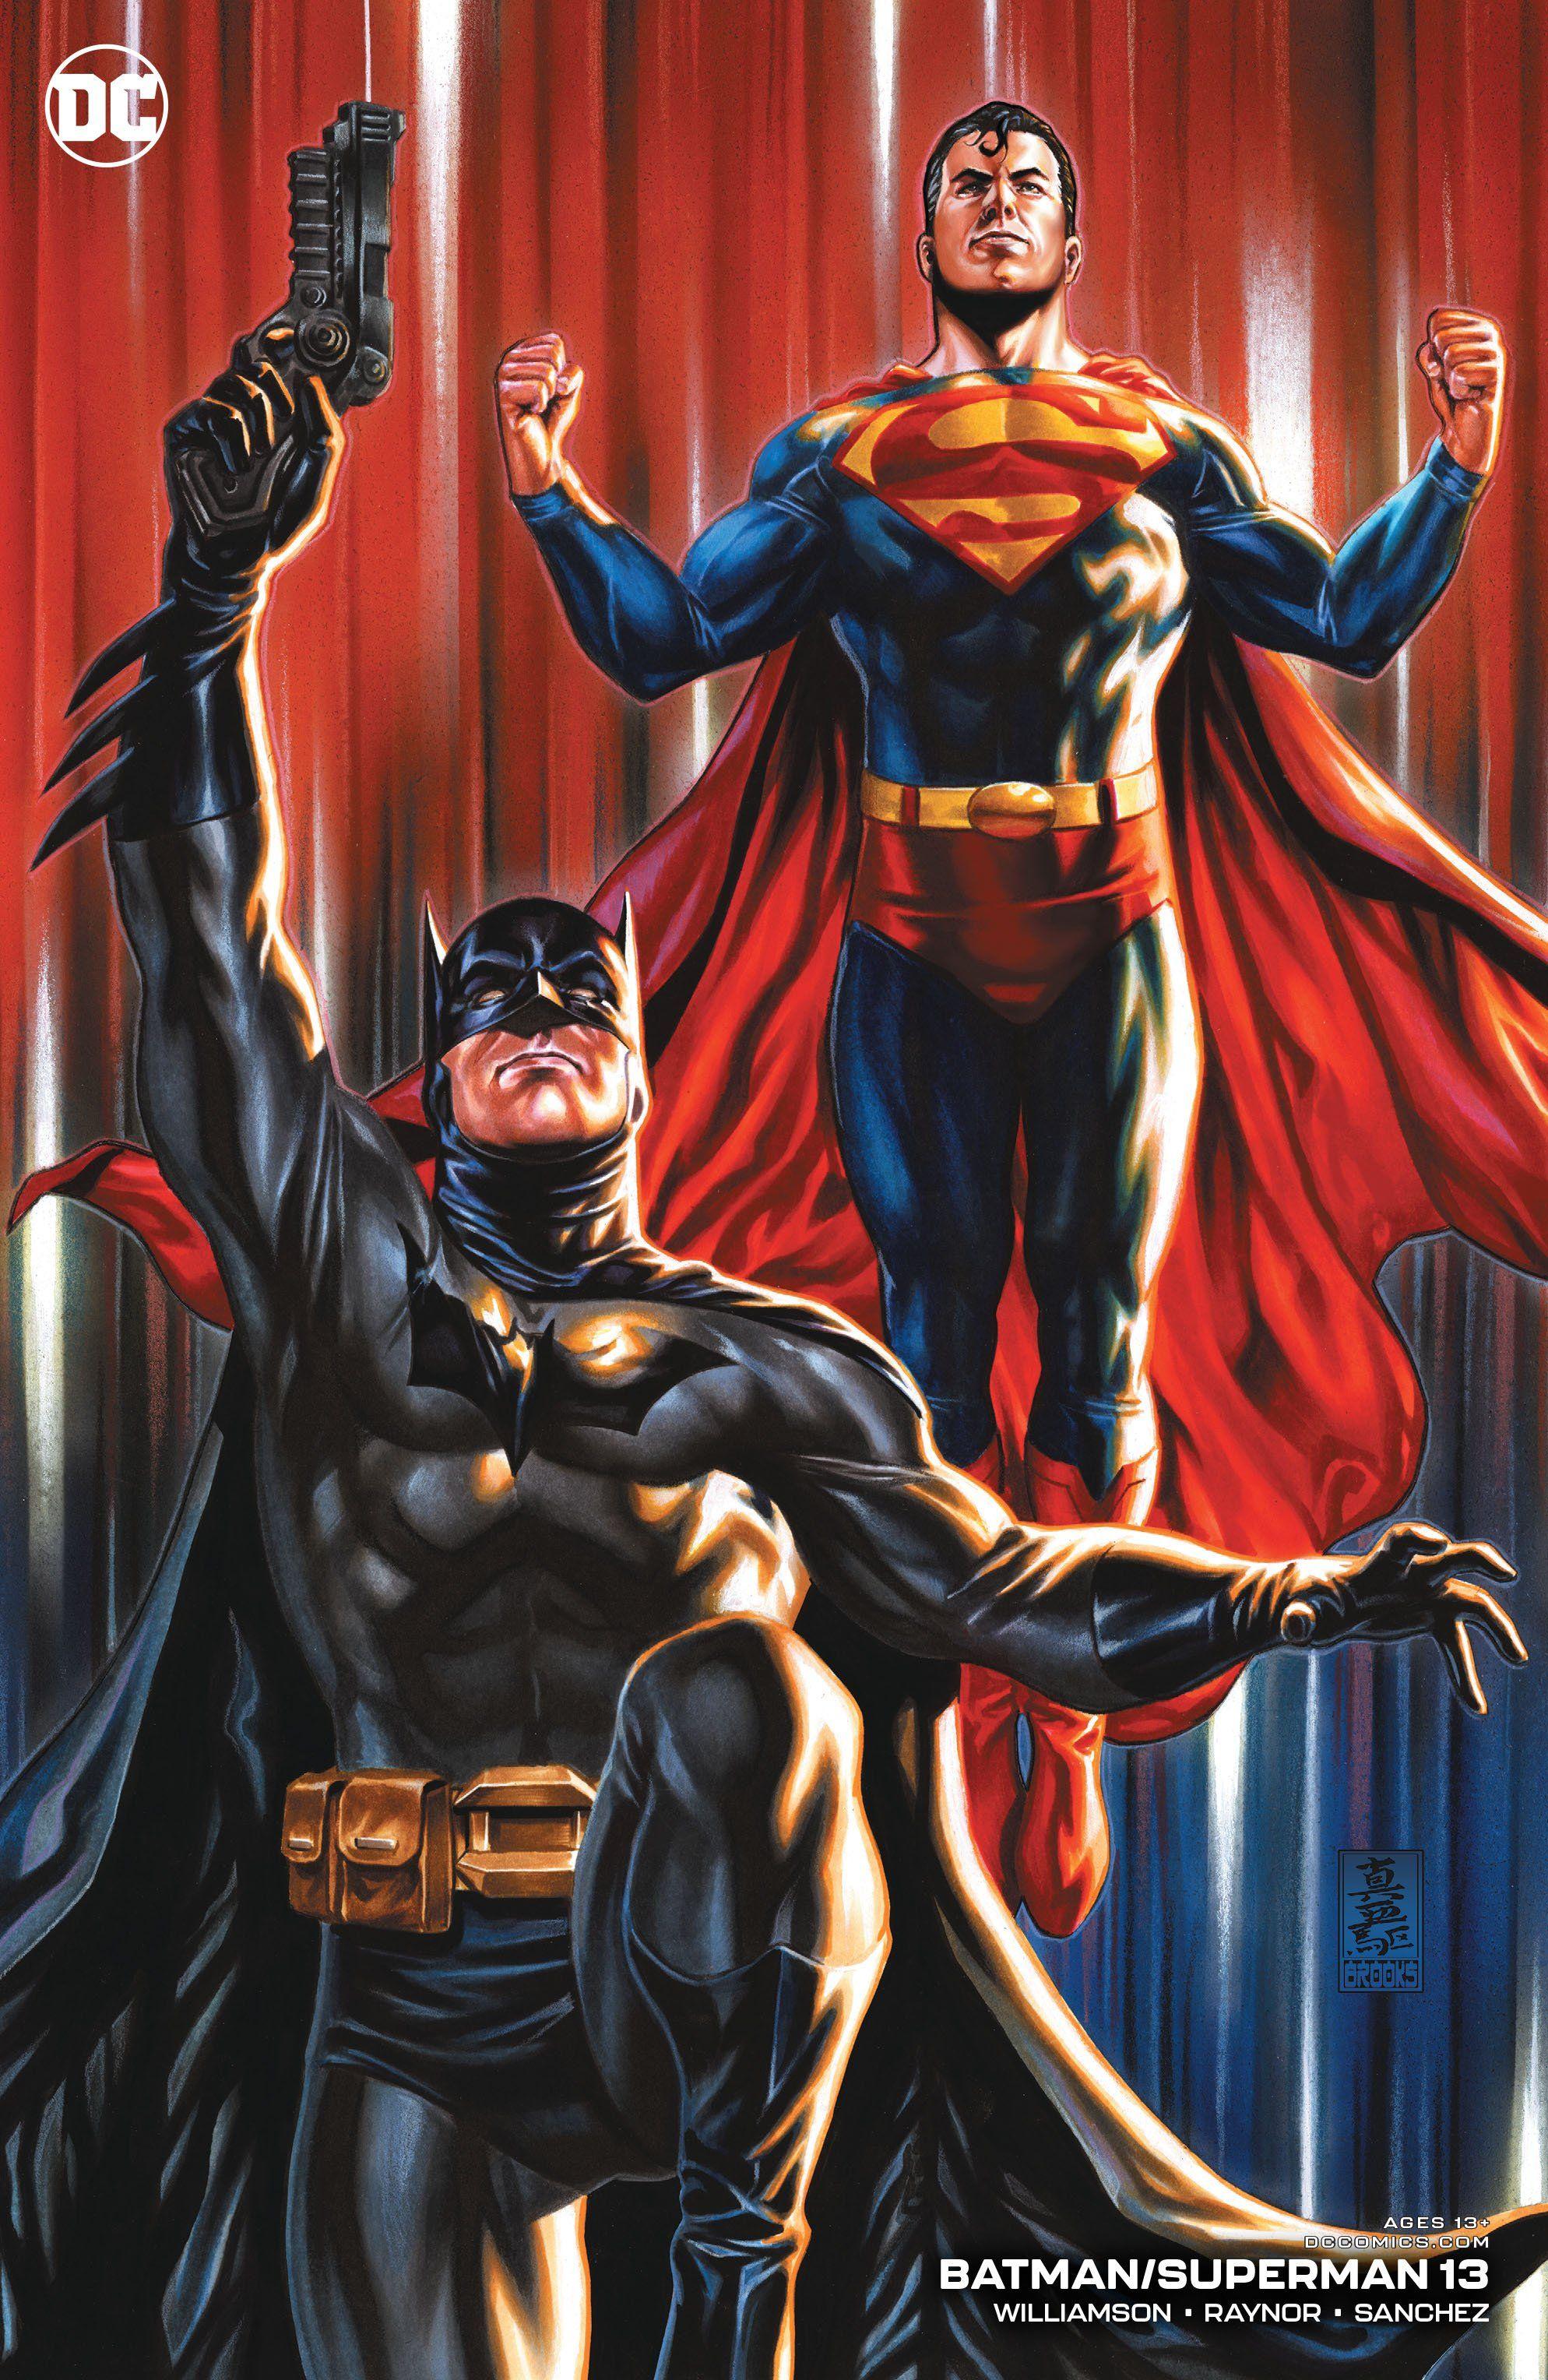 Batman Superman 13 Mark Brooks Cover In 2021 Batman And Superman Batman Dc Comics Artwork